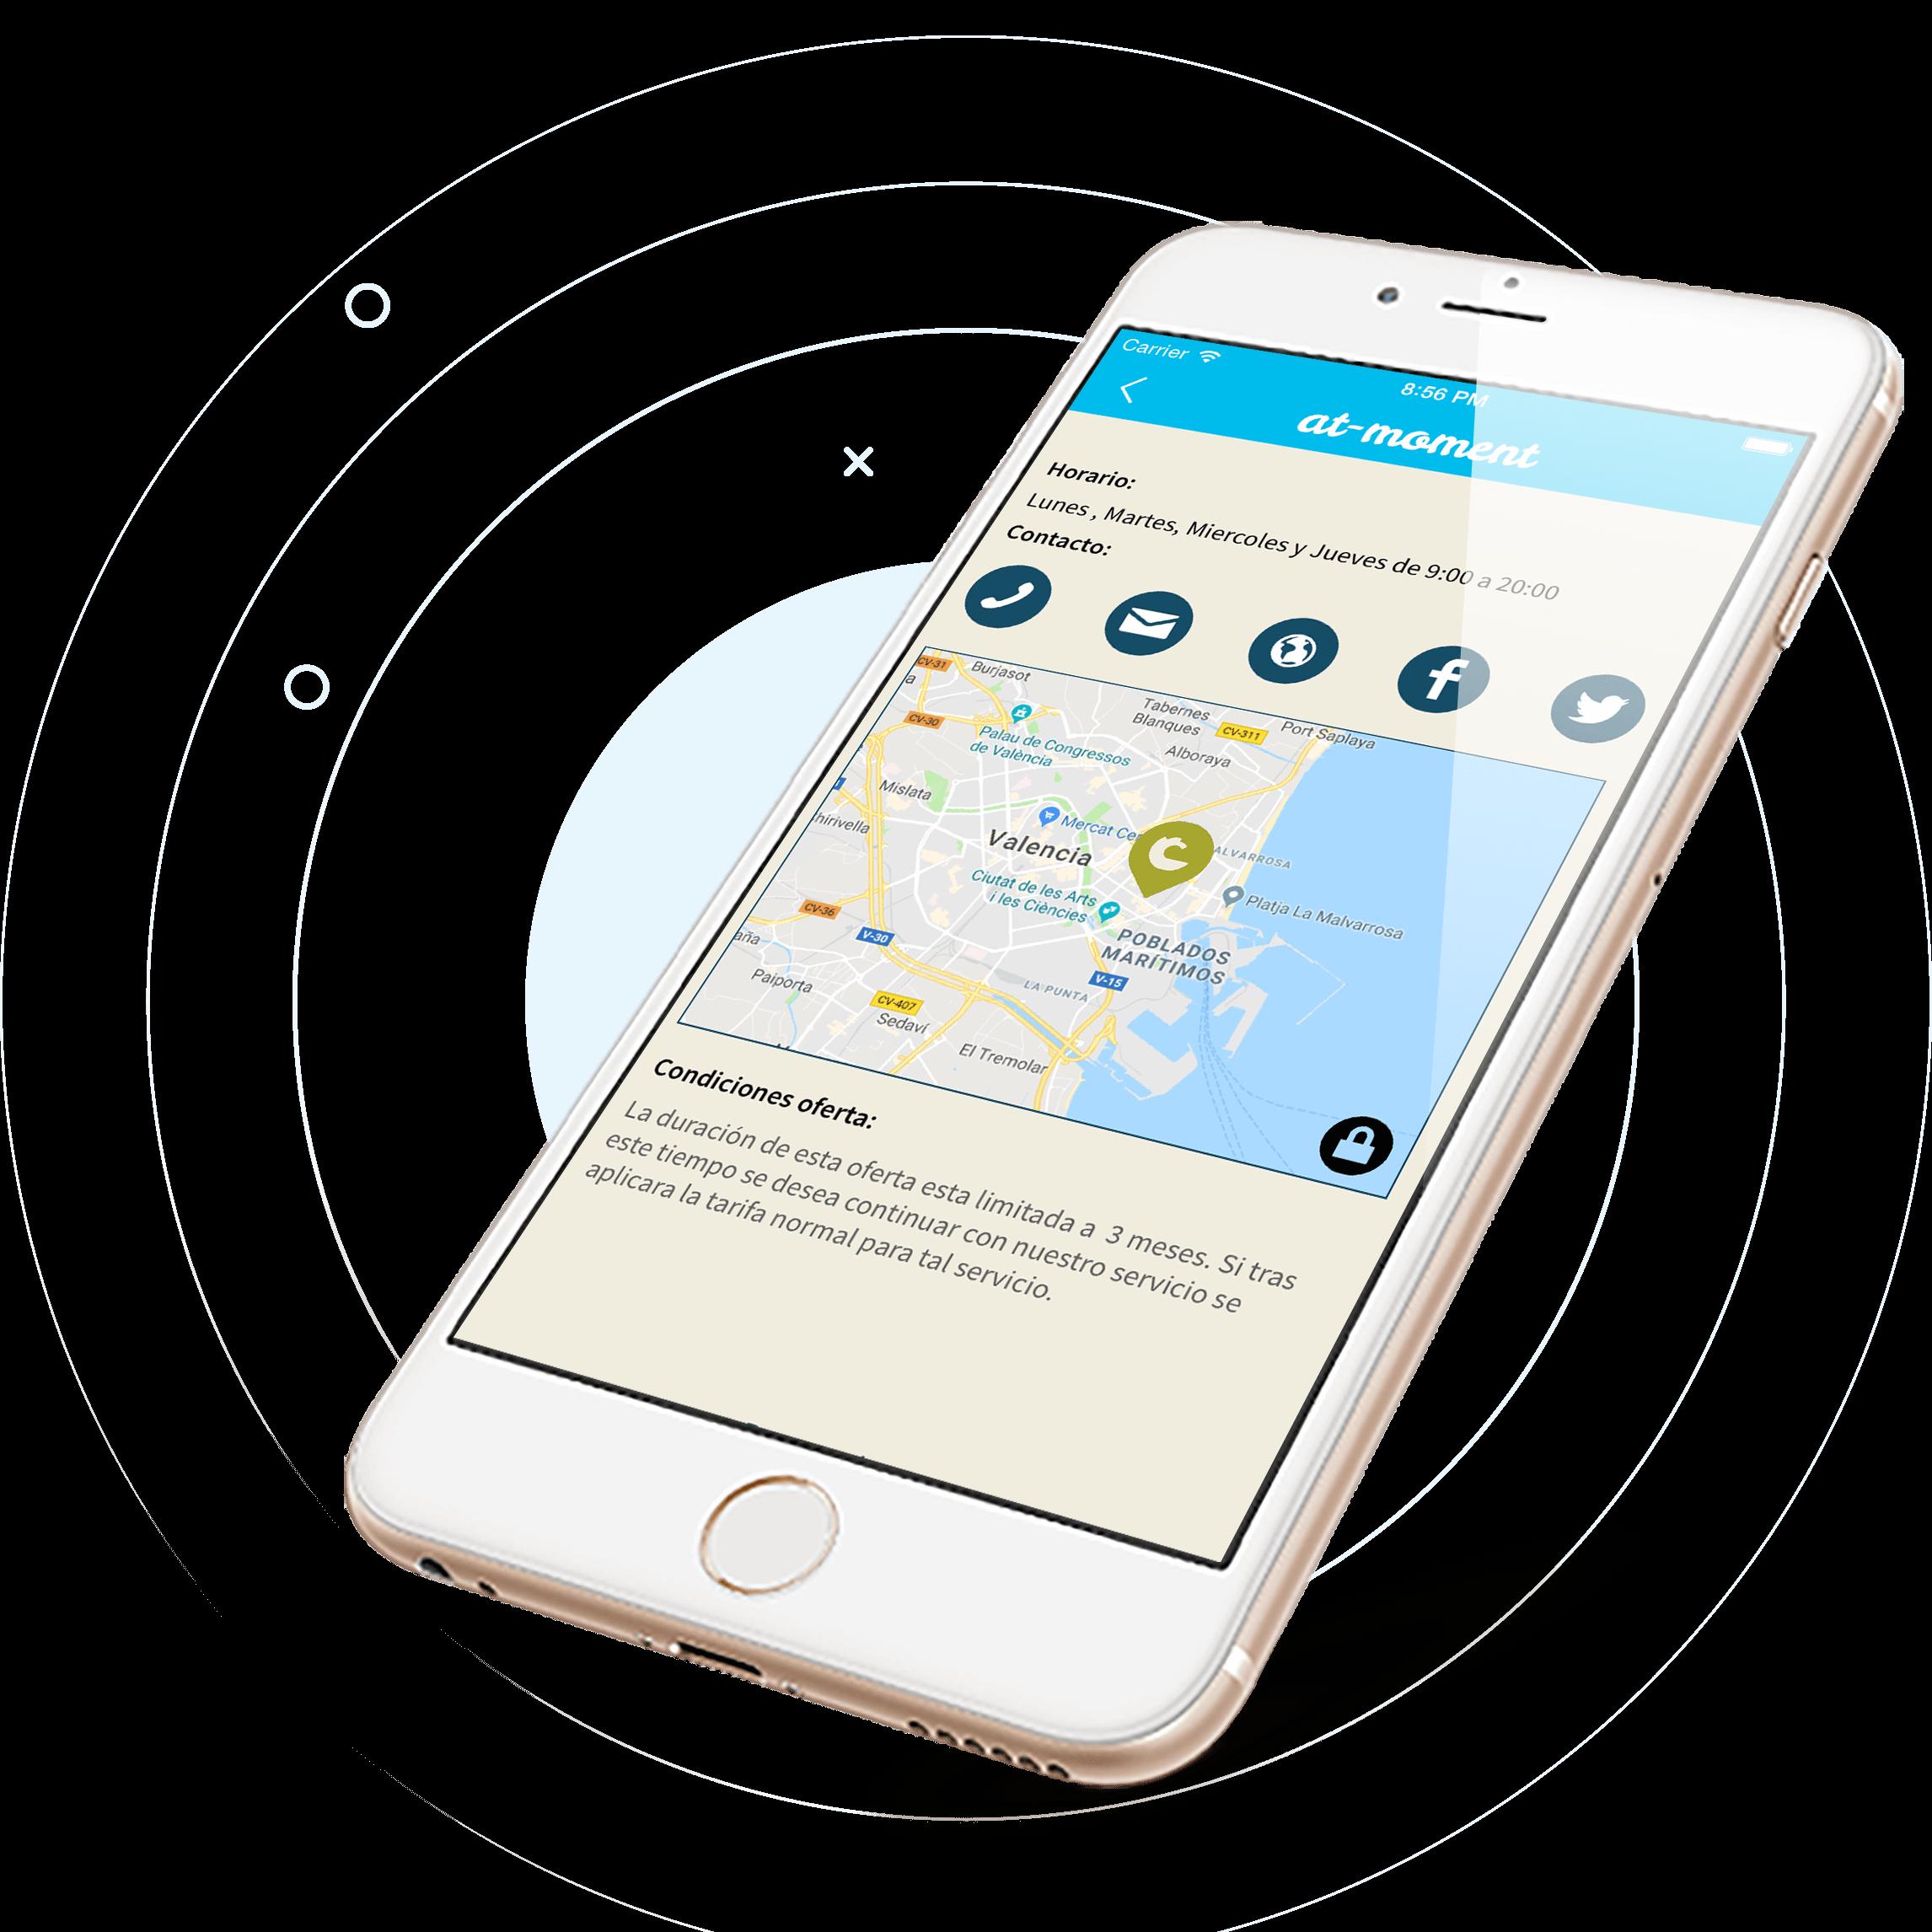 Desarrollo de aplicaciones móviles a medida